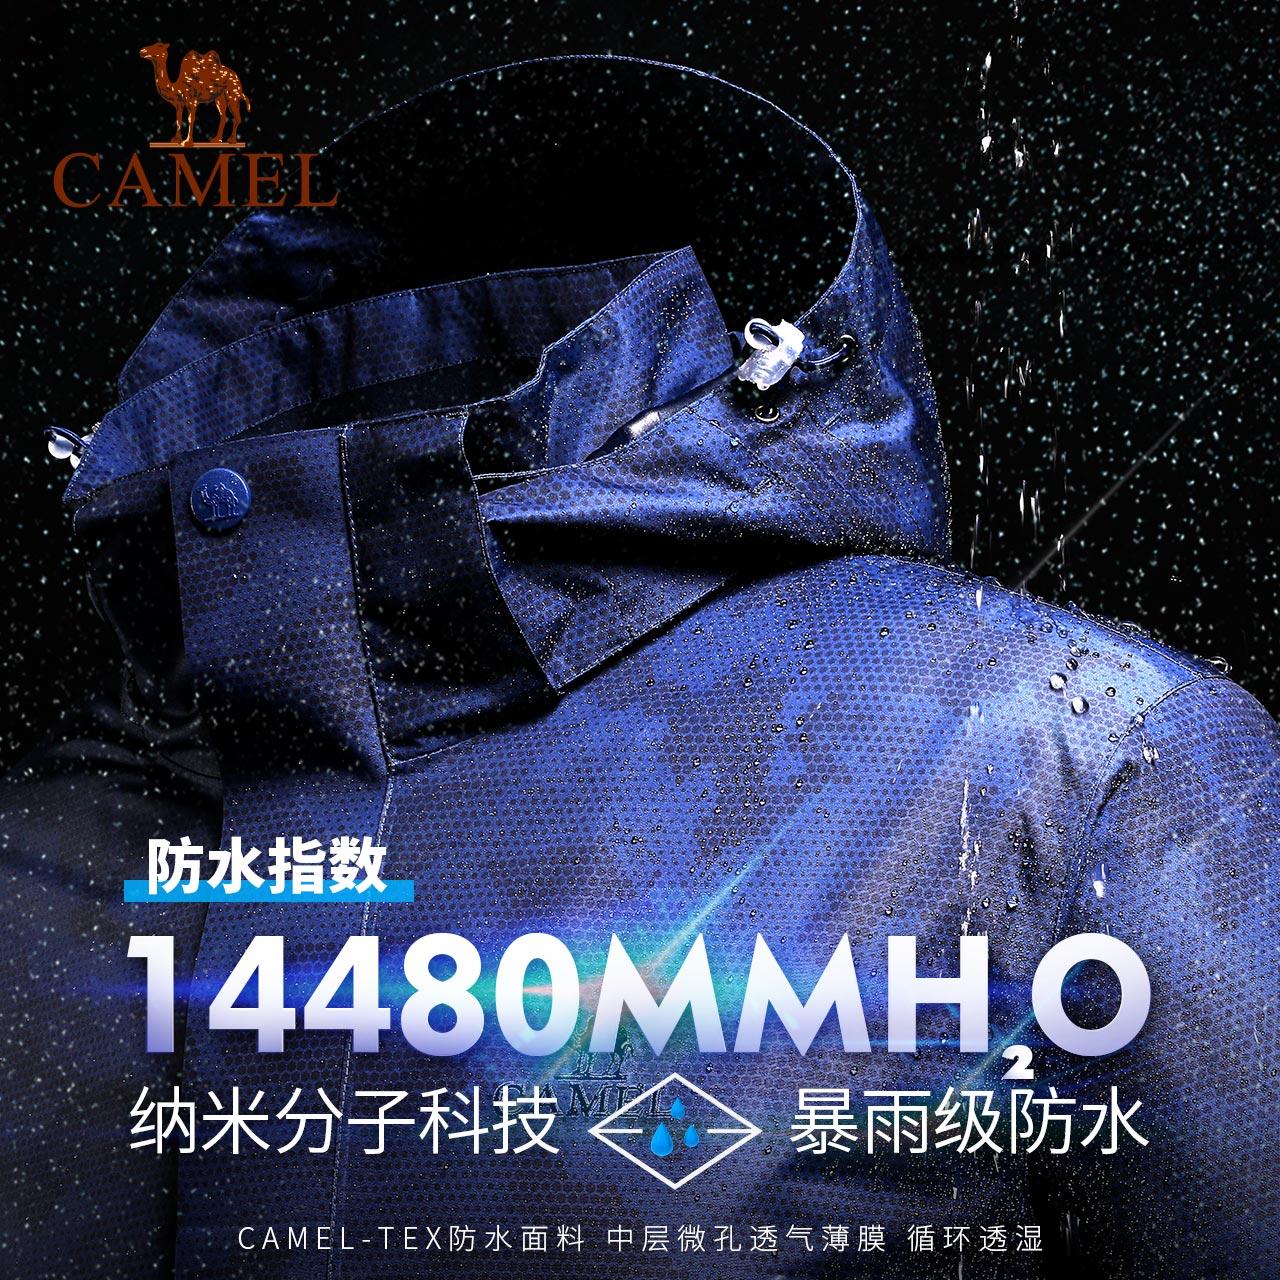 骆驼户外冲锋衣男女潮牌加绒加厚三合一两件套登山服 新品 2018